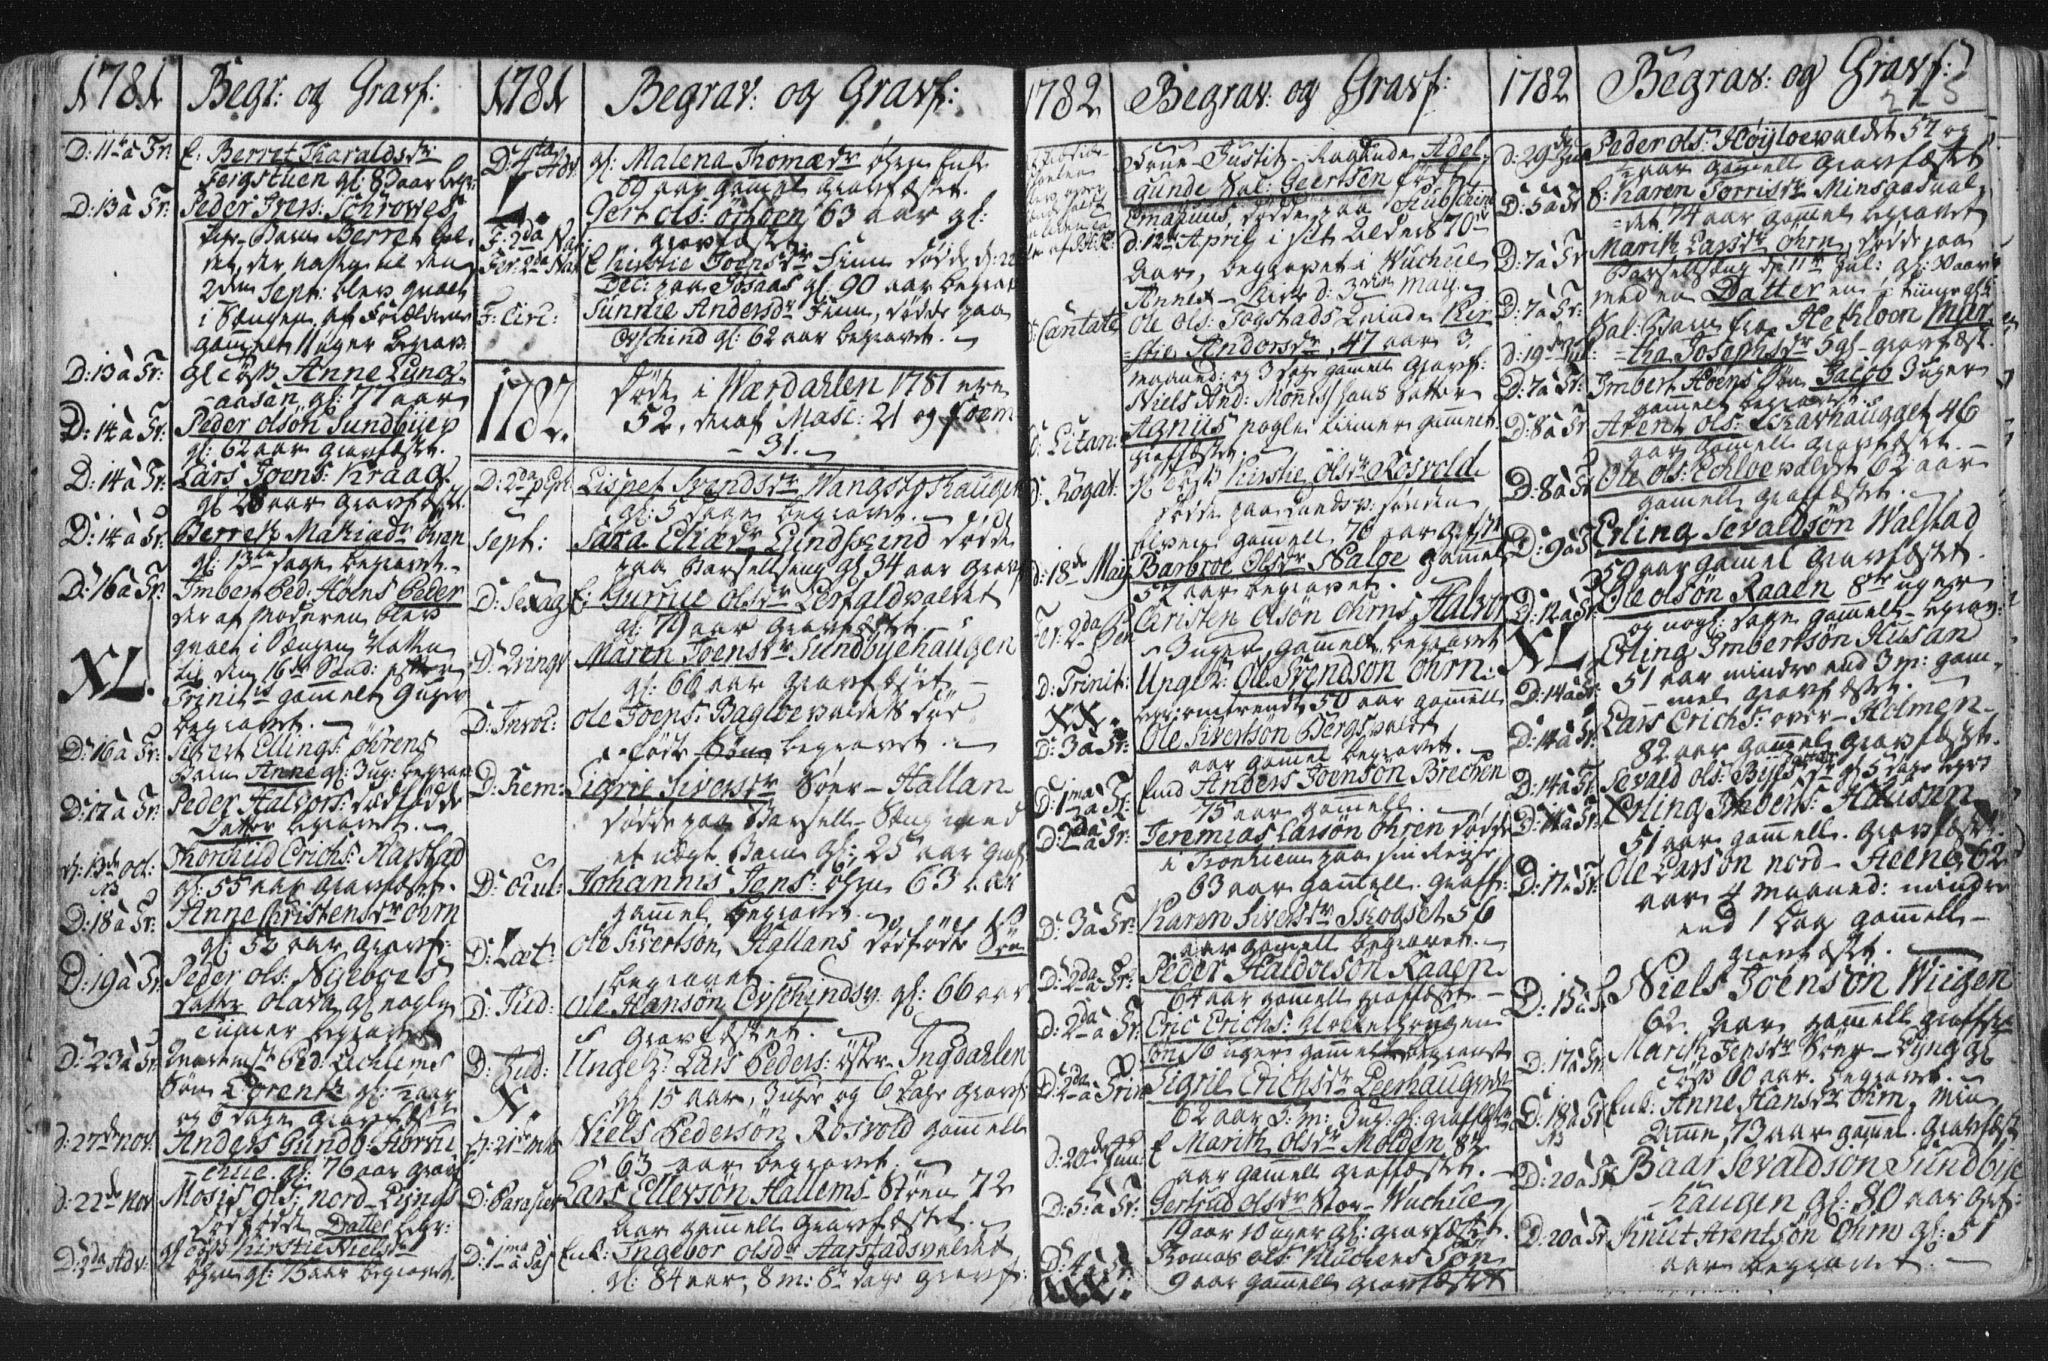 SAT, Ministerialprotokoller, klokkerbøker og fødselsregistre - Nord-Trøndelag, 723/L0232: Ministerialbok nr. 723A03, 1781-1804, s. 225